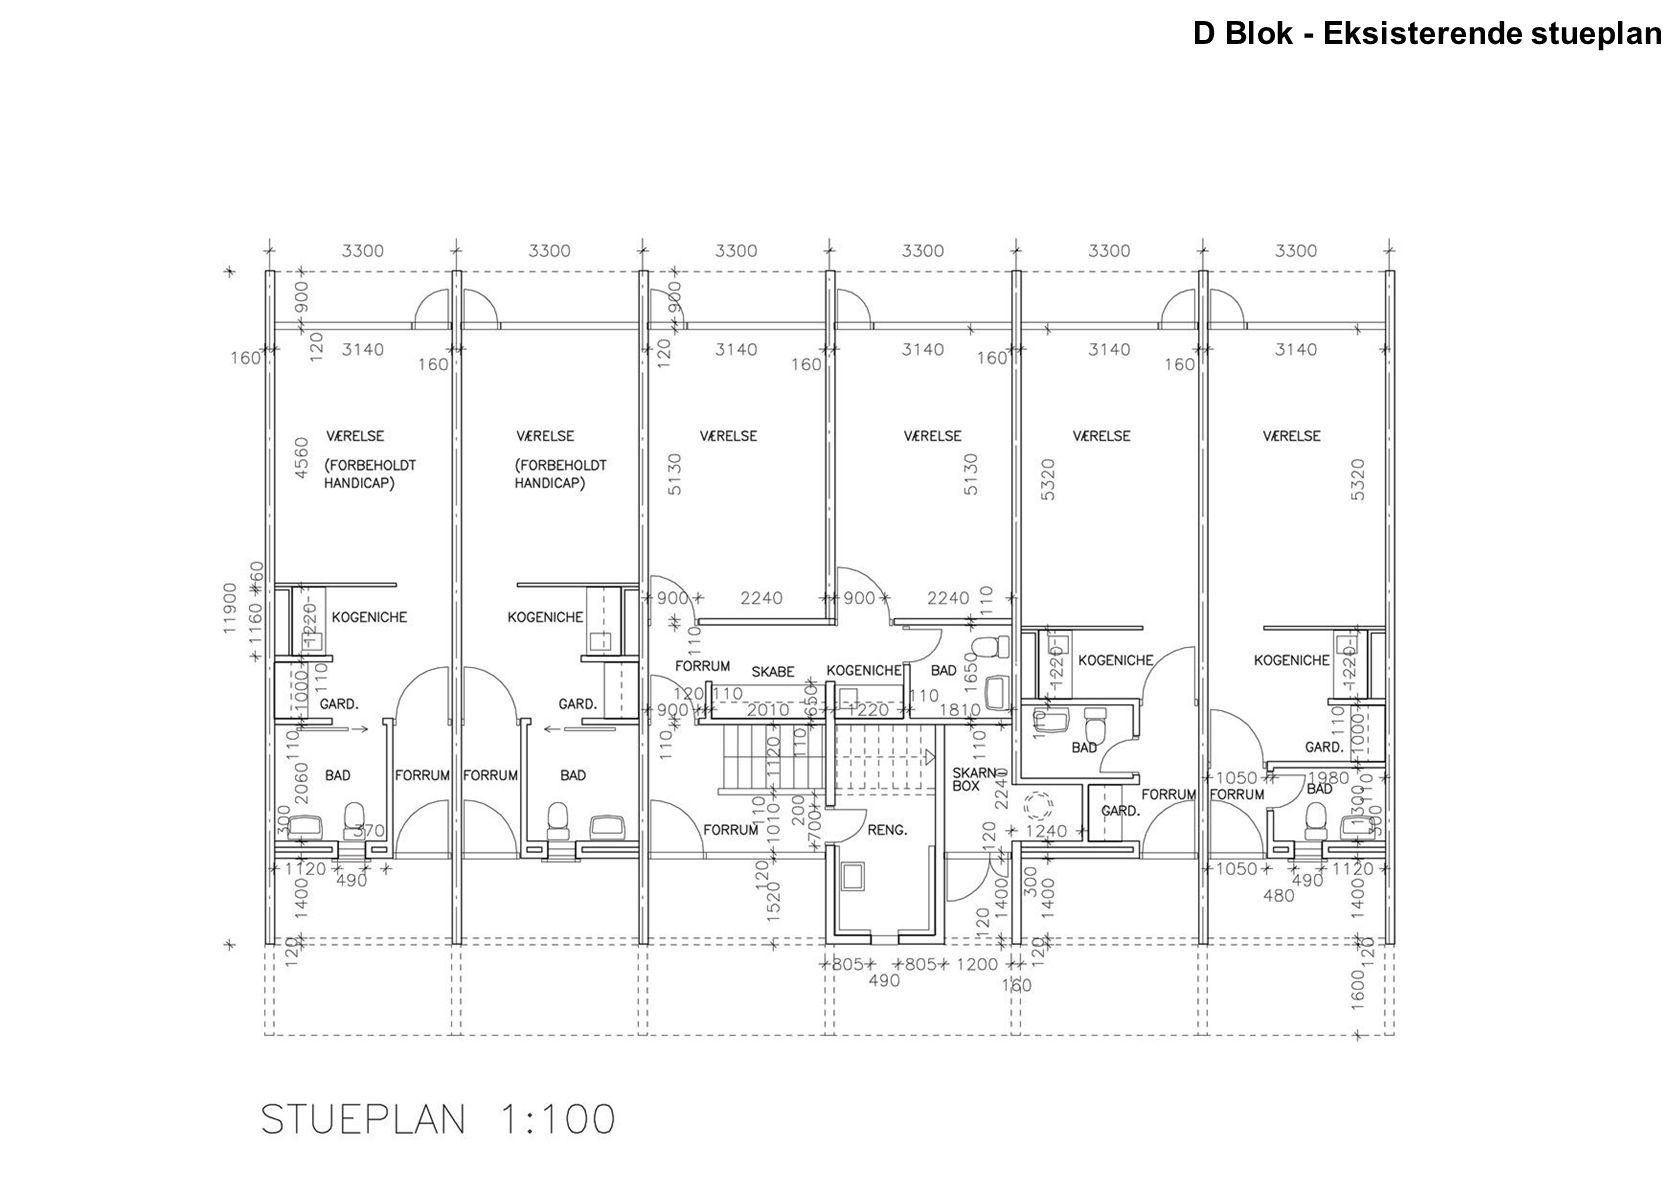 D Blok - Eksisterende stueplan